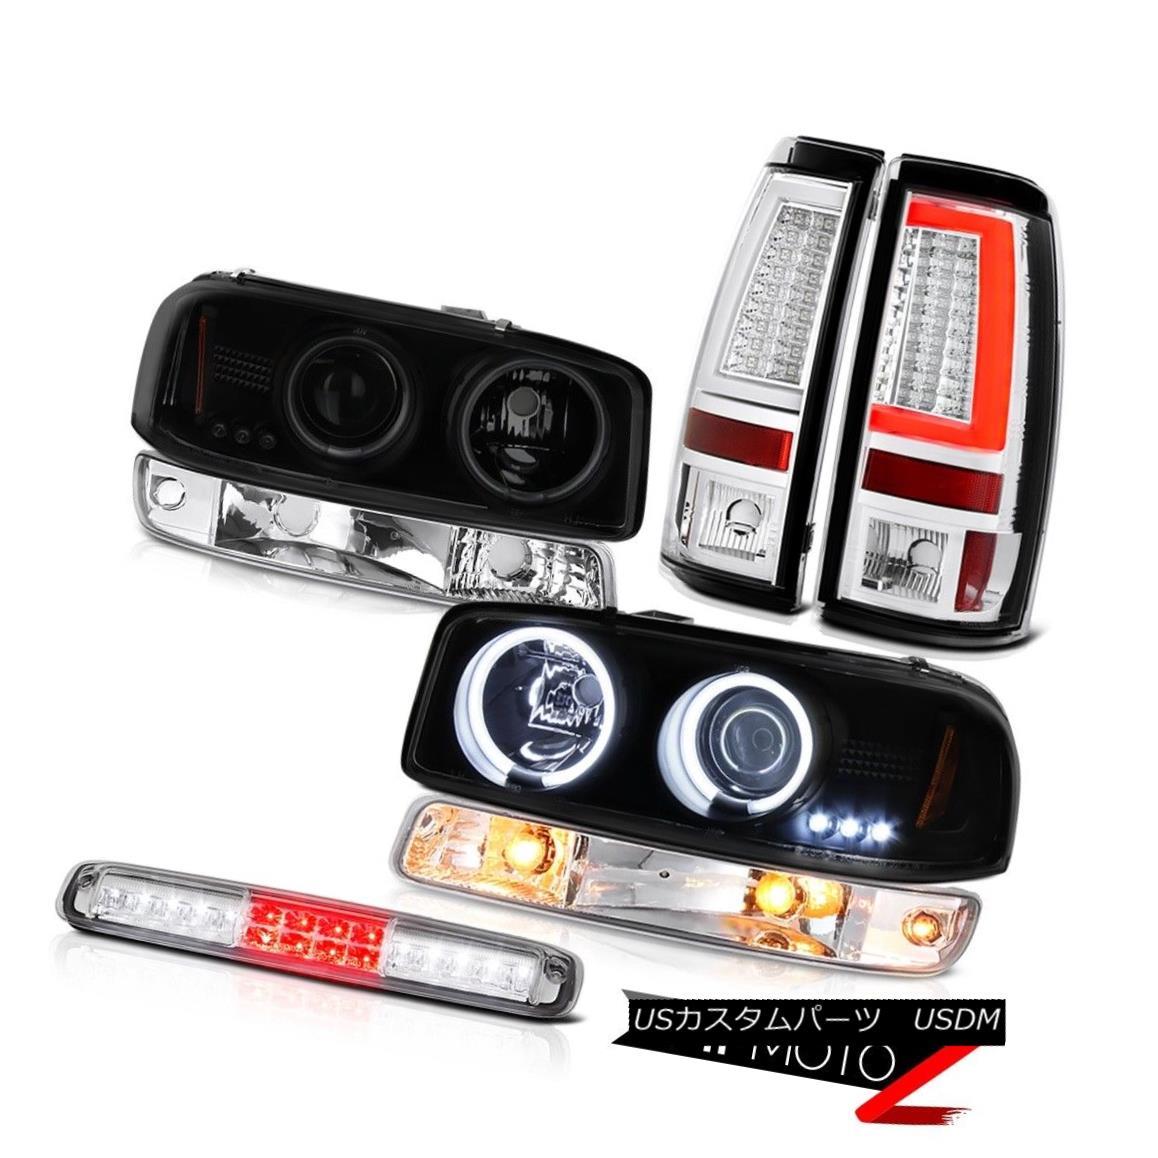 テールライト 99-06 Sierra 4.3L Rear Brake Lights High Stop Lamp Parking Light Headlamps LED 99-06 Sierra 4.3LリアブレーキライトハイストップランプパーキングライトヘッドランプLED